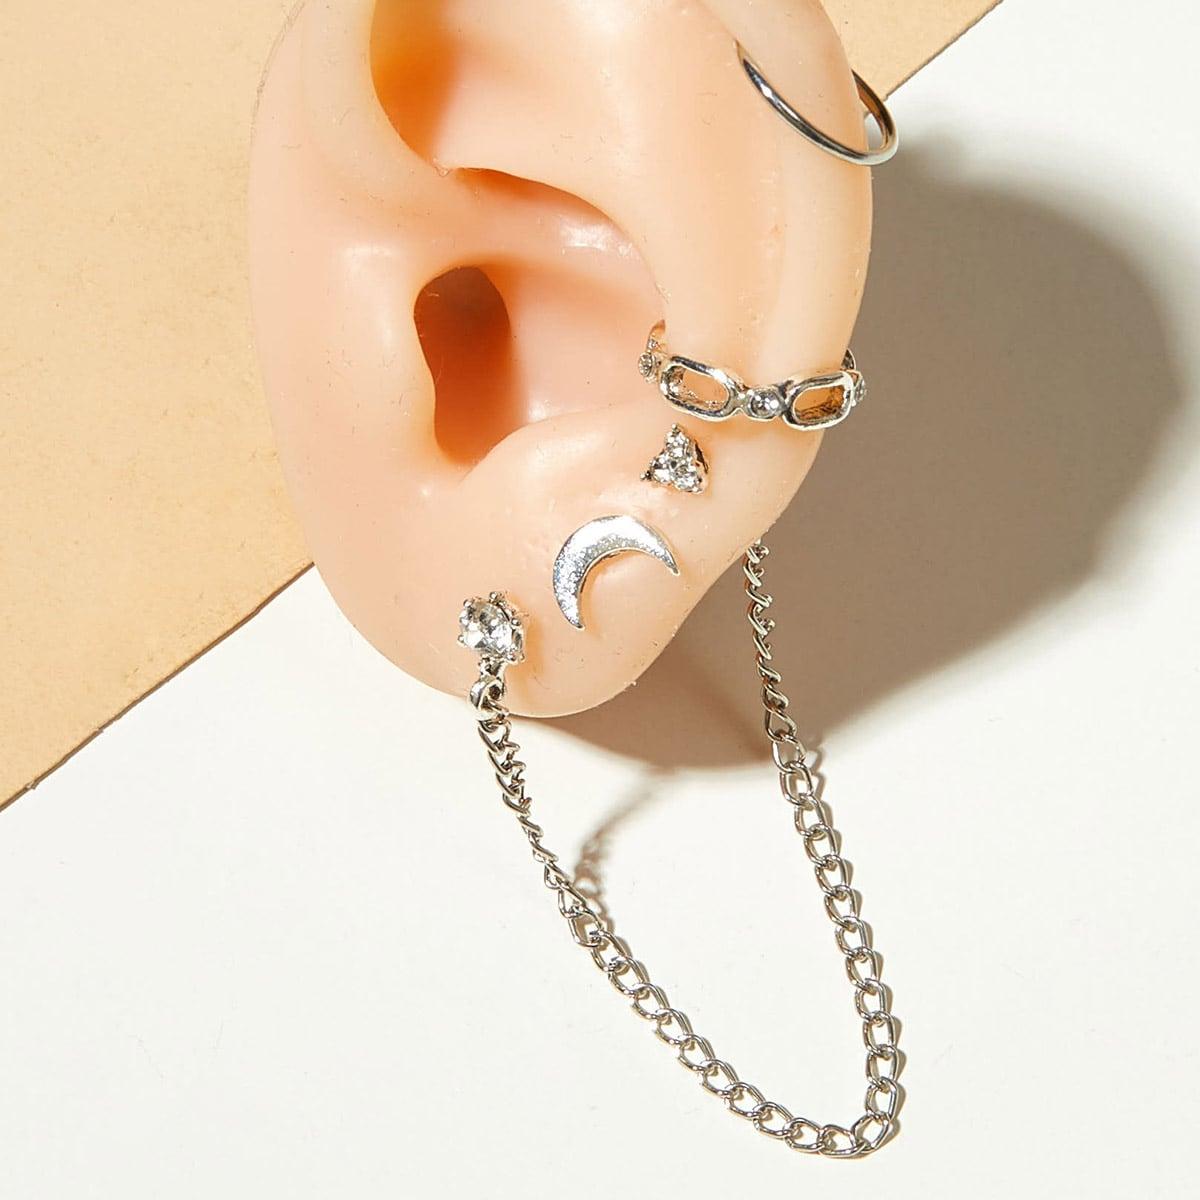 Ohrringe mit Kette & Mond Dekor 4 Stücke